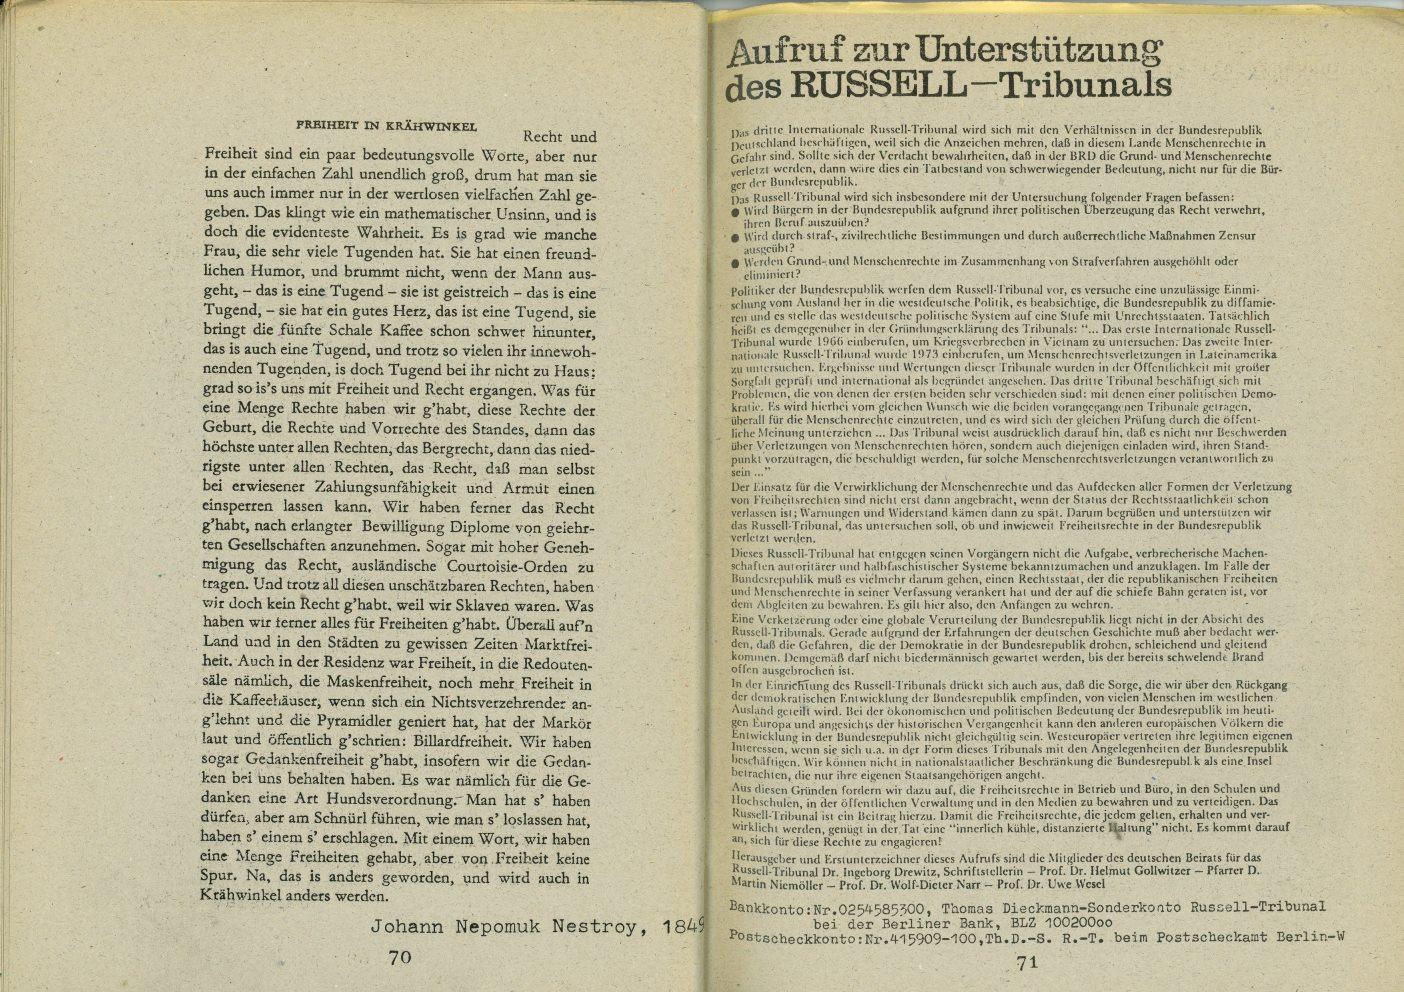 Stuttgart_AGRT_Menschenrechtsverletzungen_Leseheft_1978_37